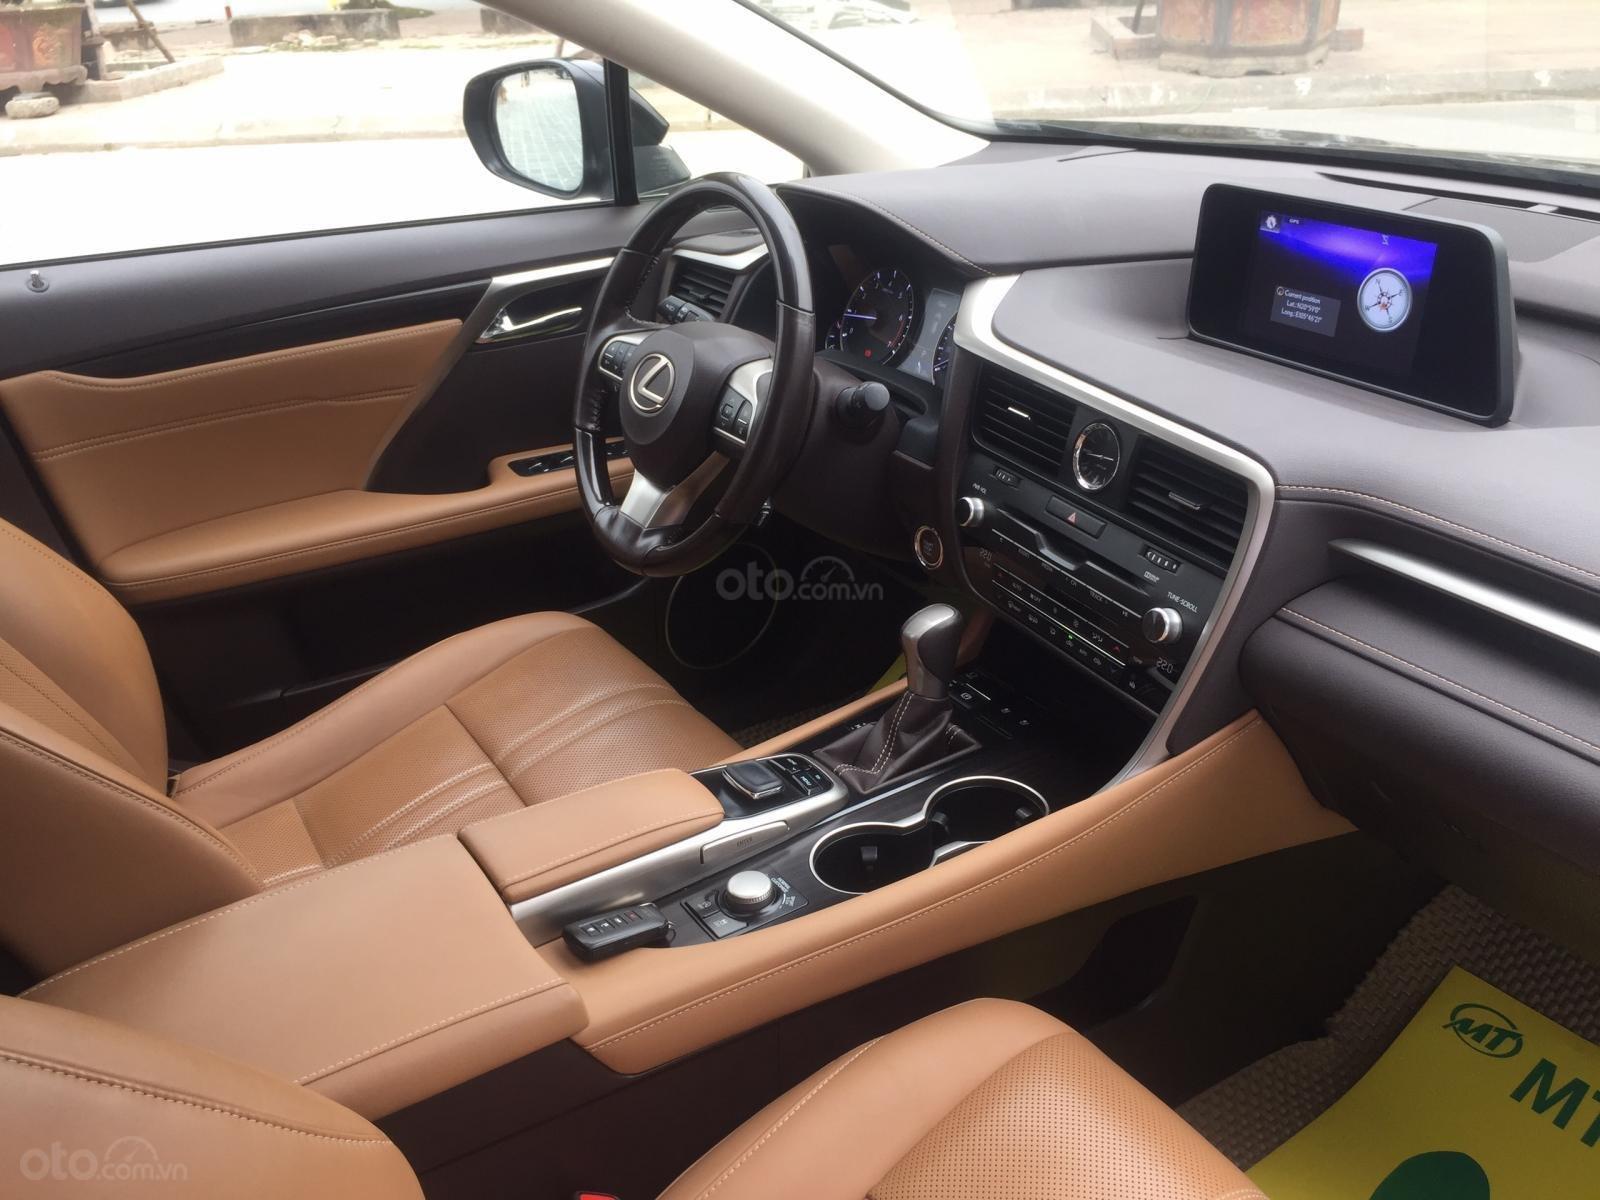 Bán Lexus RX 200T SX 2016, giá tốt giao ngay LH 094.539.2468 Ms. Hương (7)